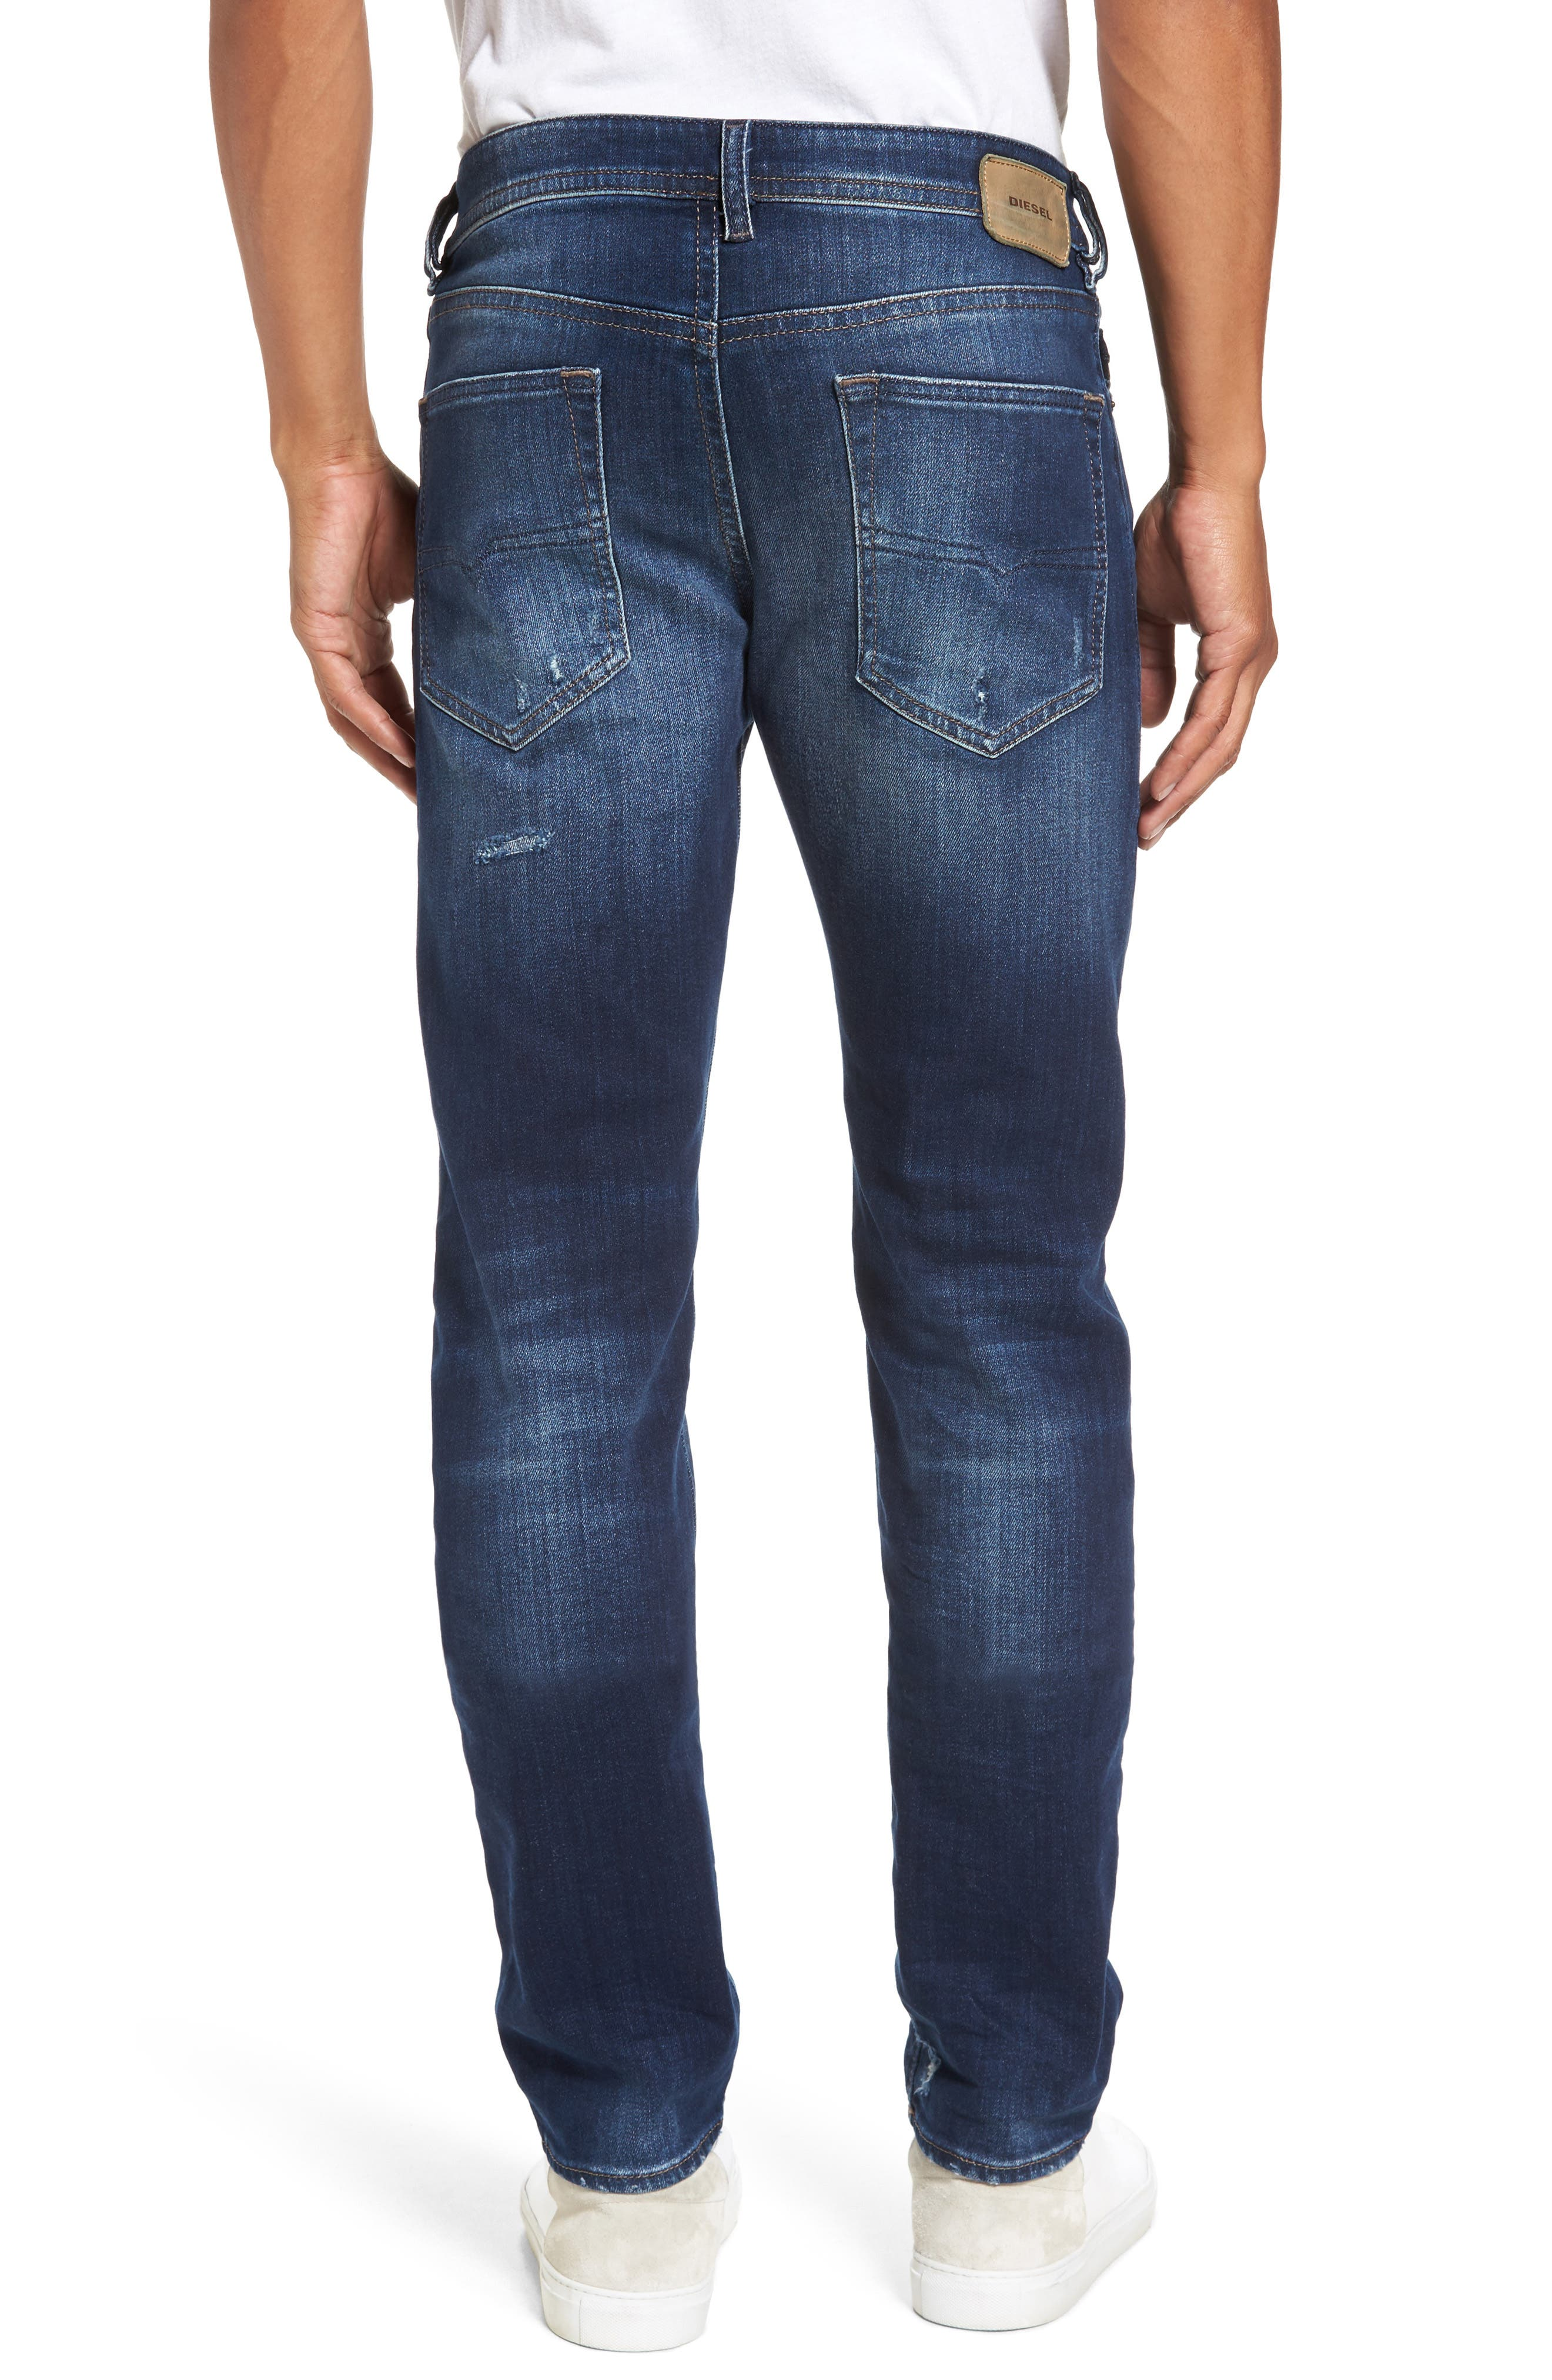 Buster Slim Straight Leg Jeans,                             Alternate thumbnail 2, color,                             900